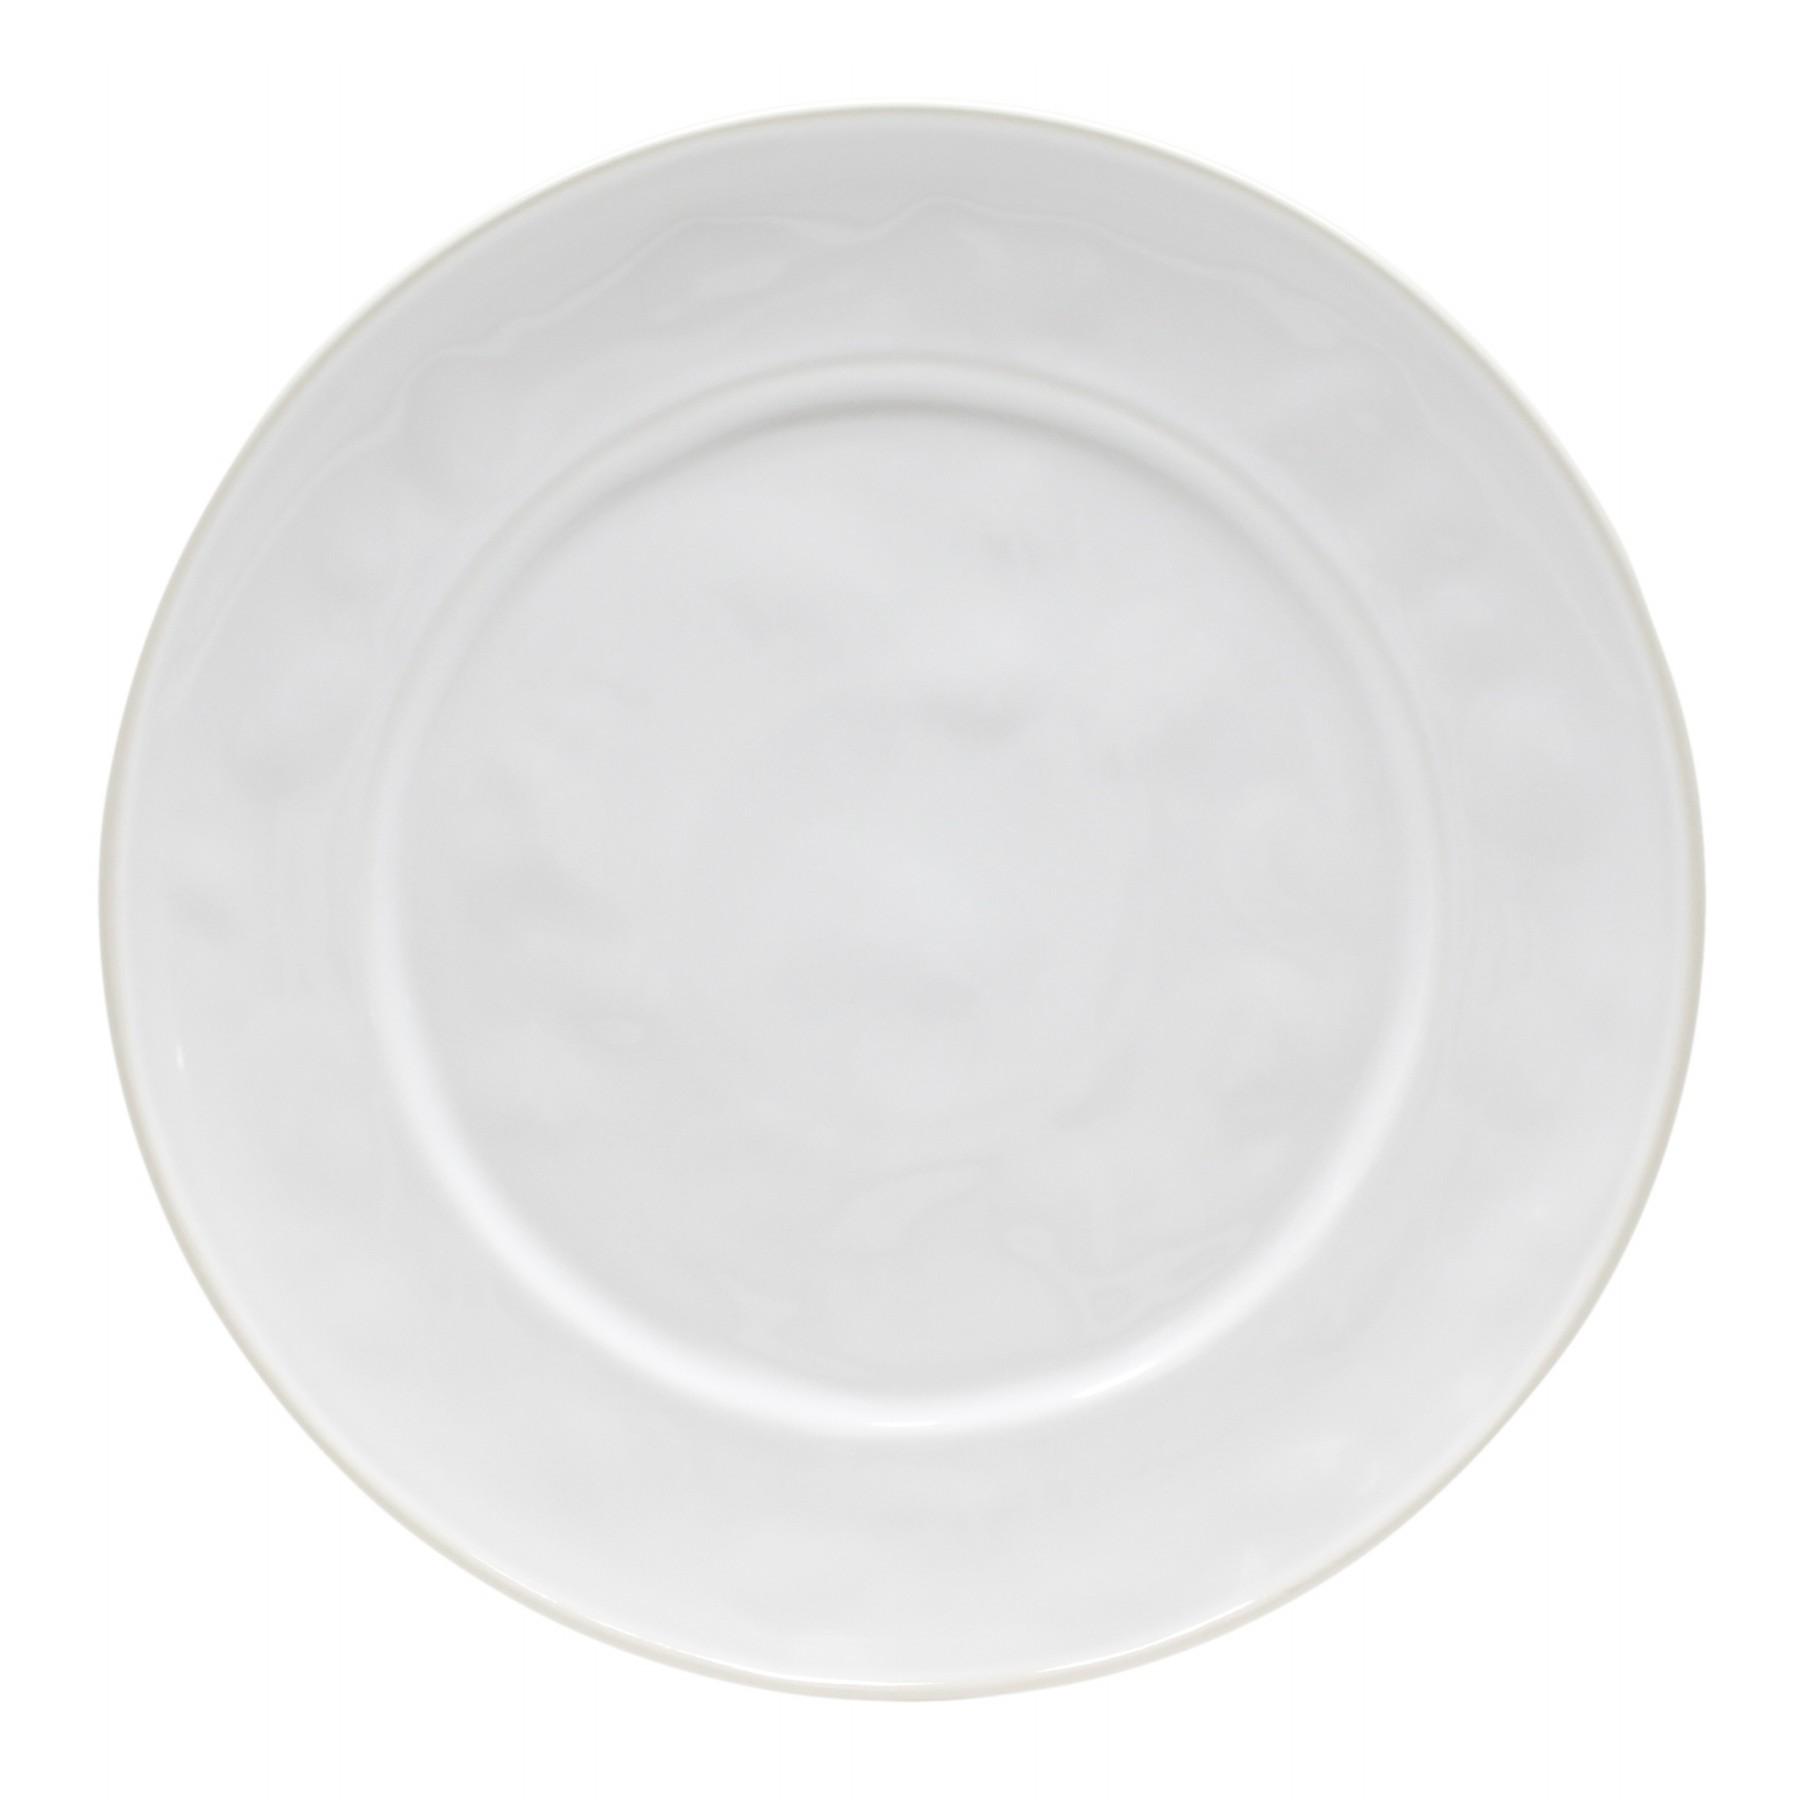 COSTA NOVA Servírovací talíř Astoria bílý 33cm